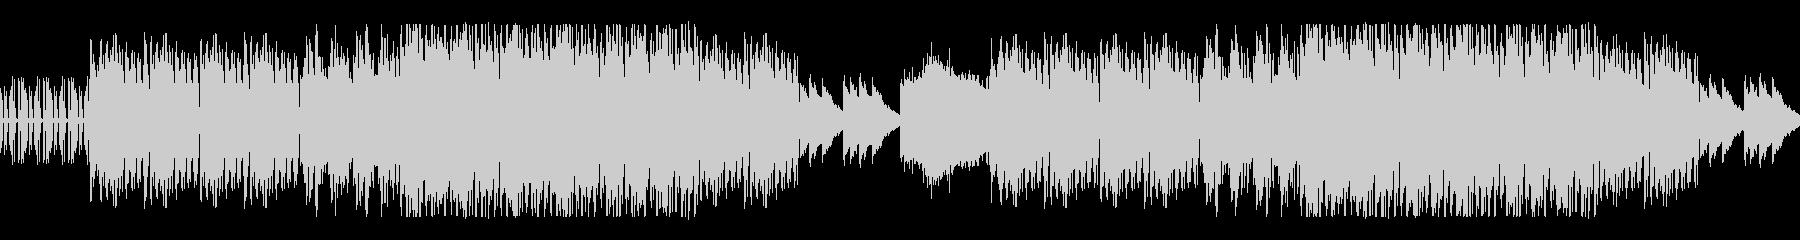 リズムのあるEDM風ループ曲の未再生の波形